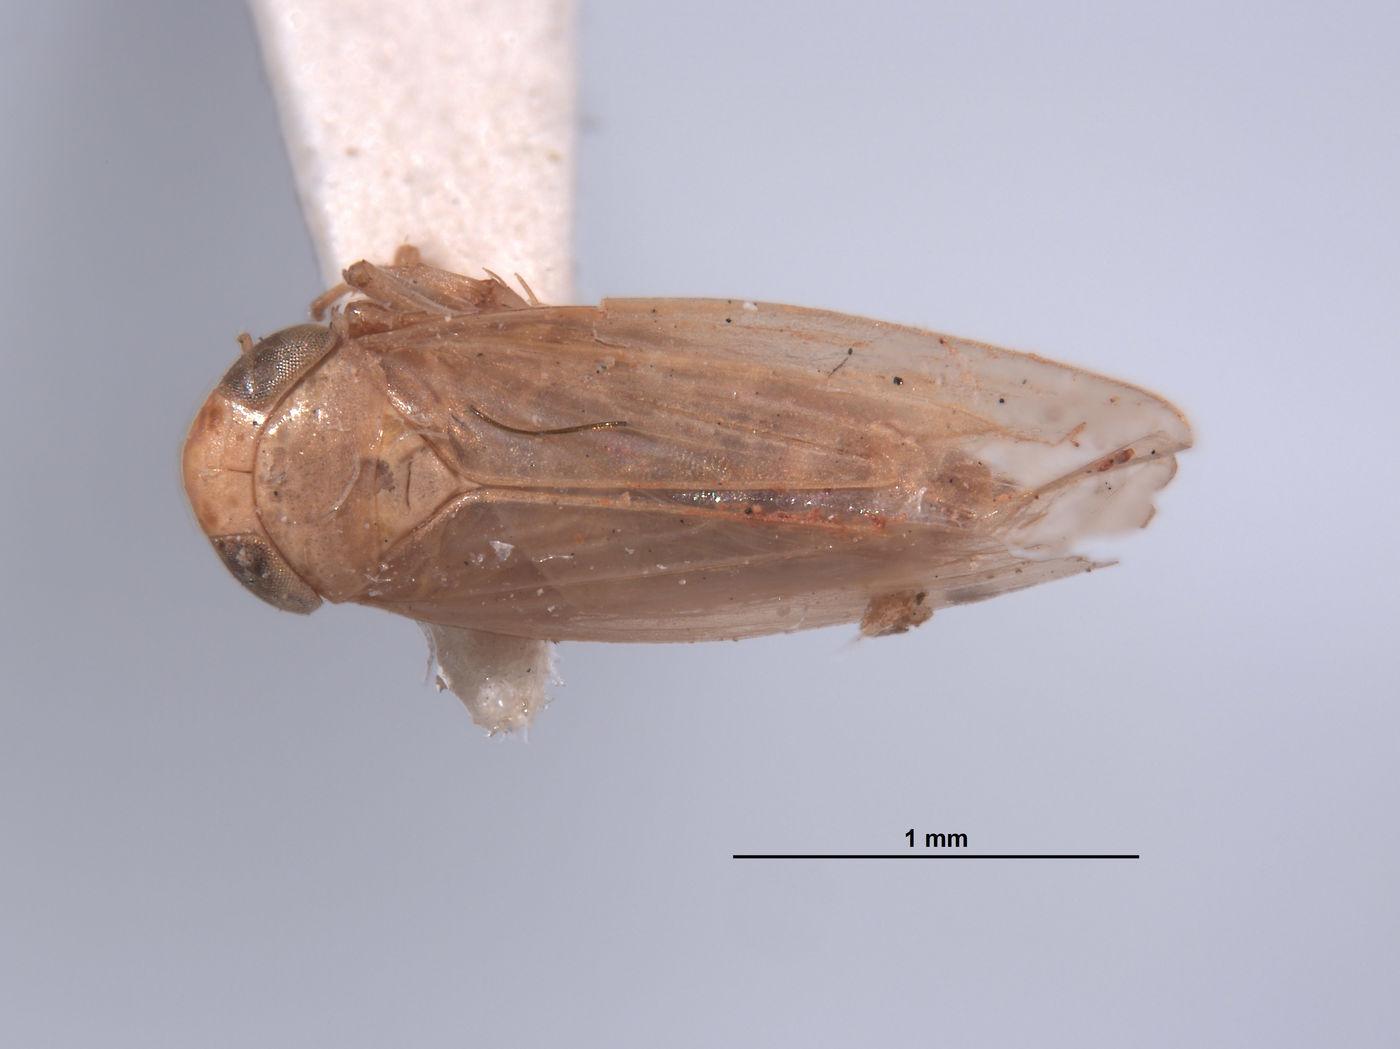 Thamnotettix fessula image